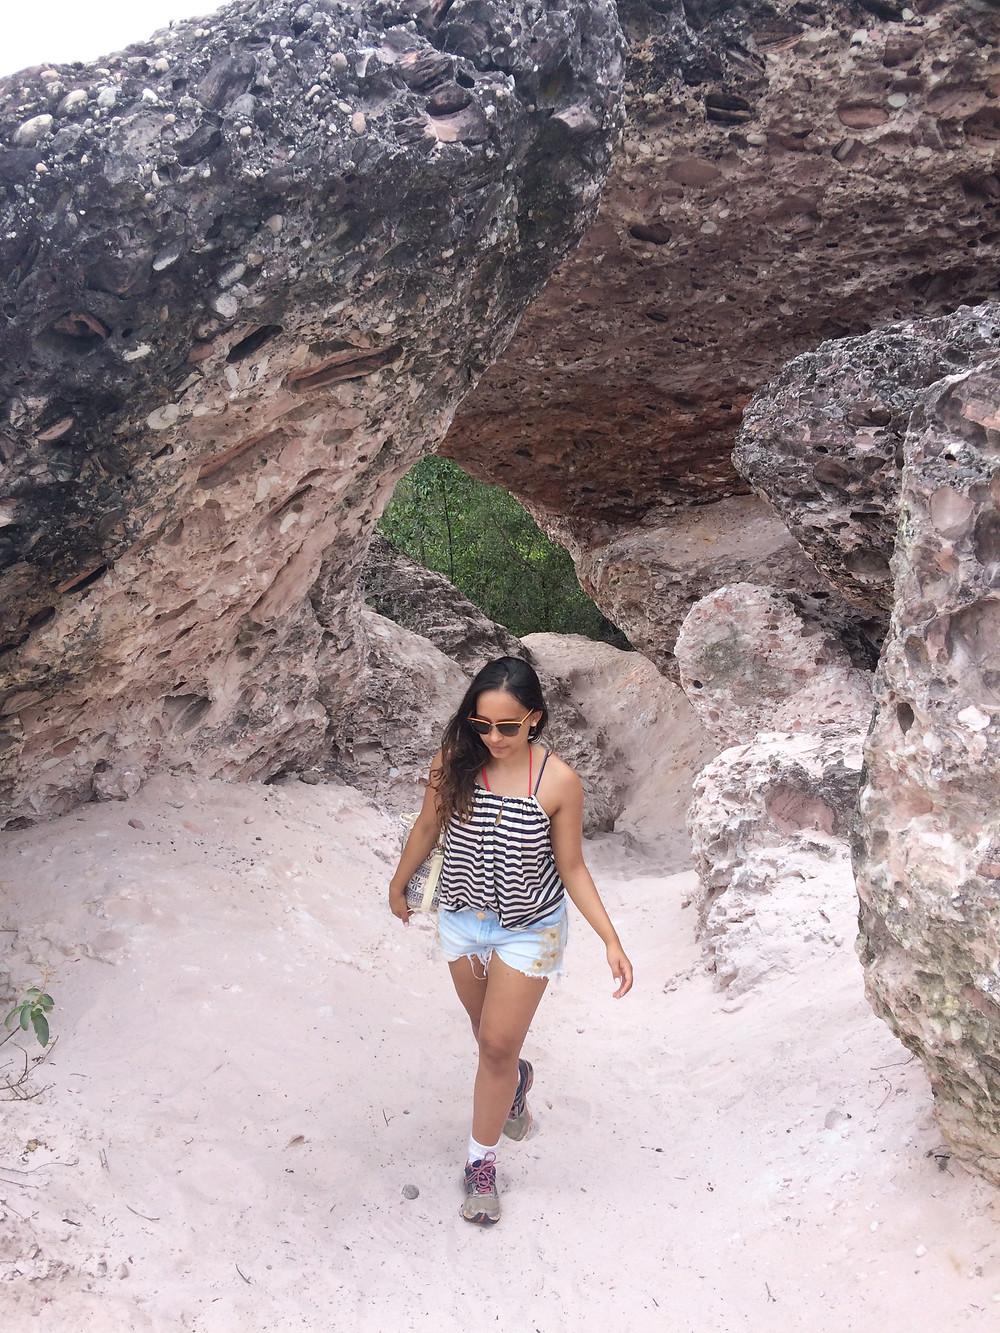 Viaje com pouco - Chapada Diamantina - Salão de Areias Coloridas